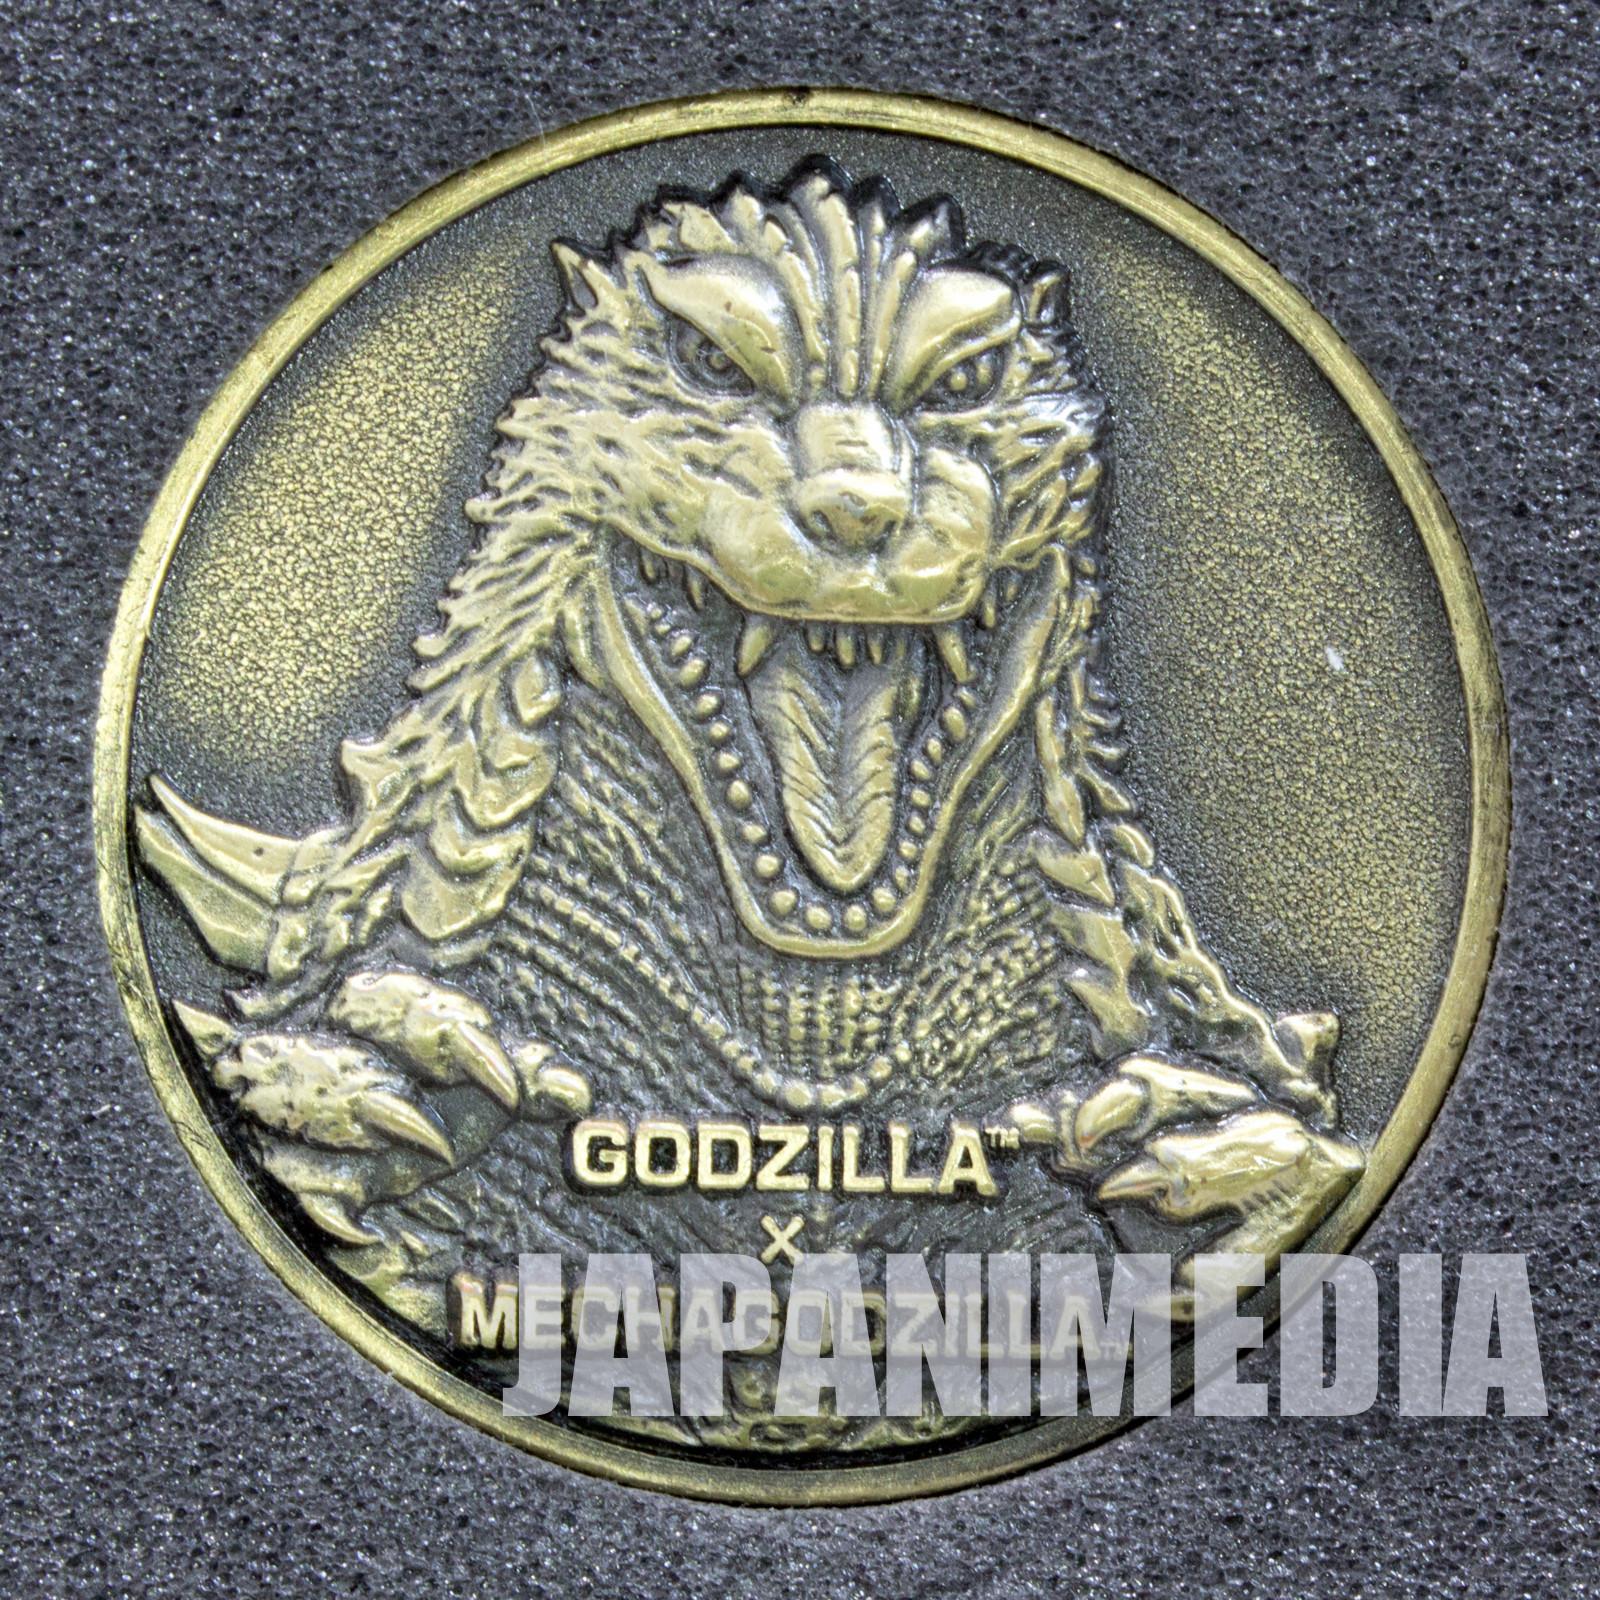 Godzilla Mecha-godzilla Movie 2002 Memorial Medal Toho JAPAN TOKUSATSU